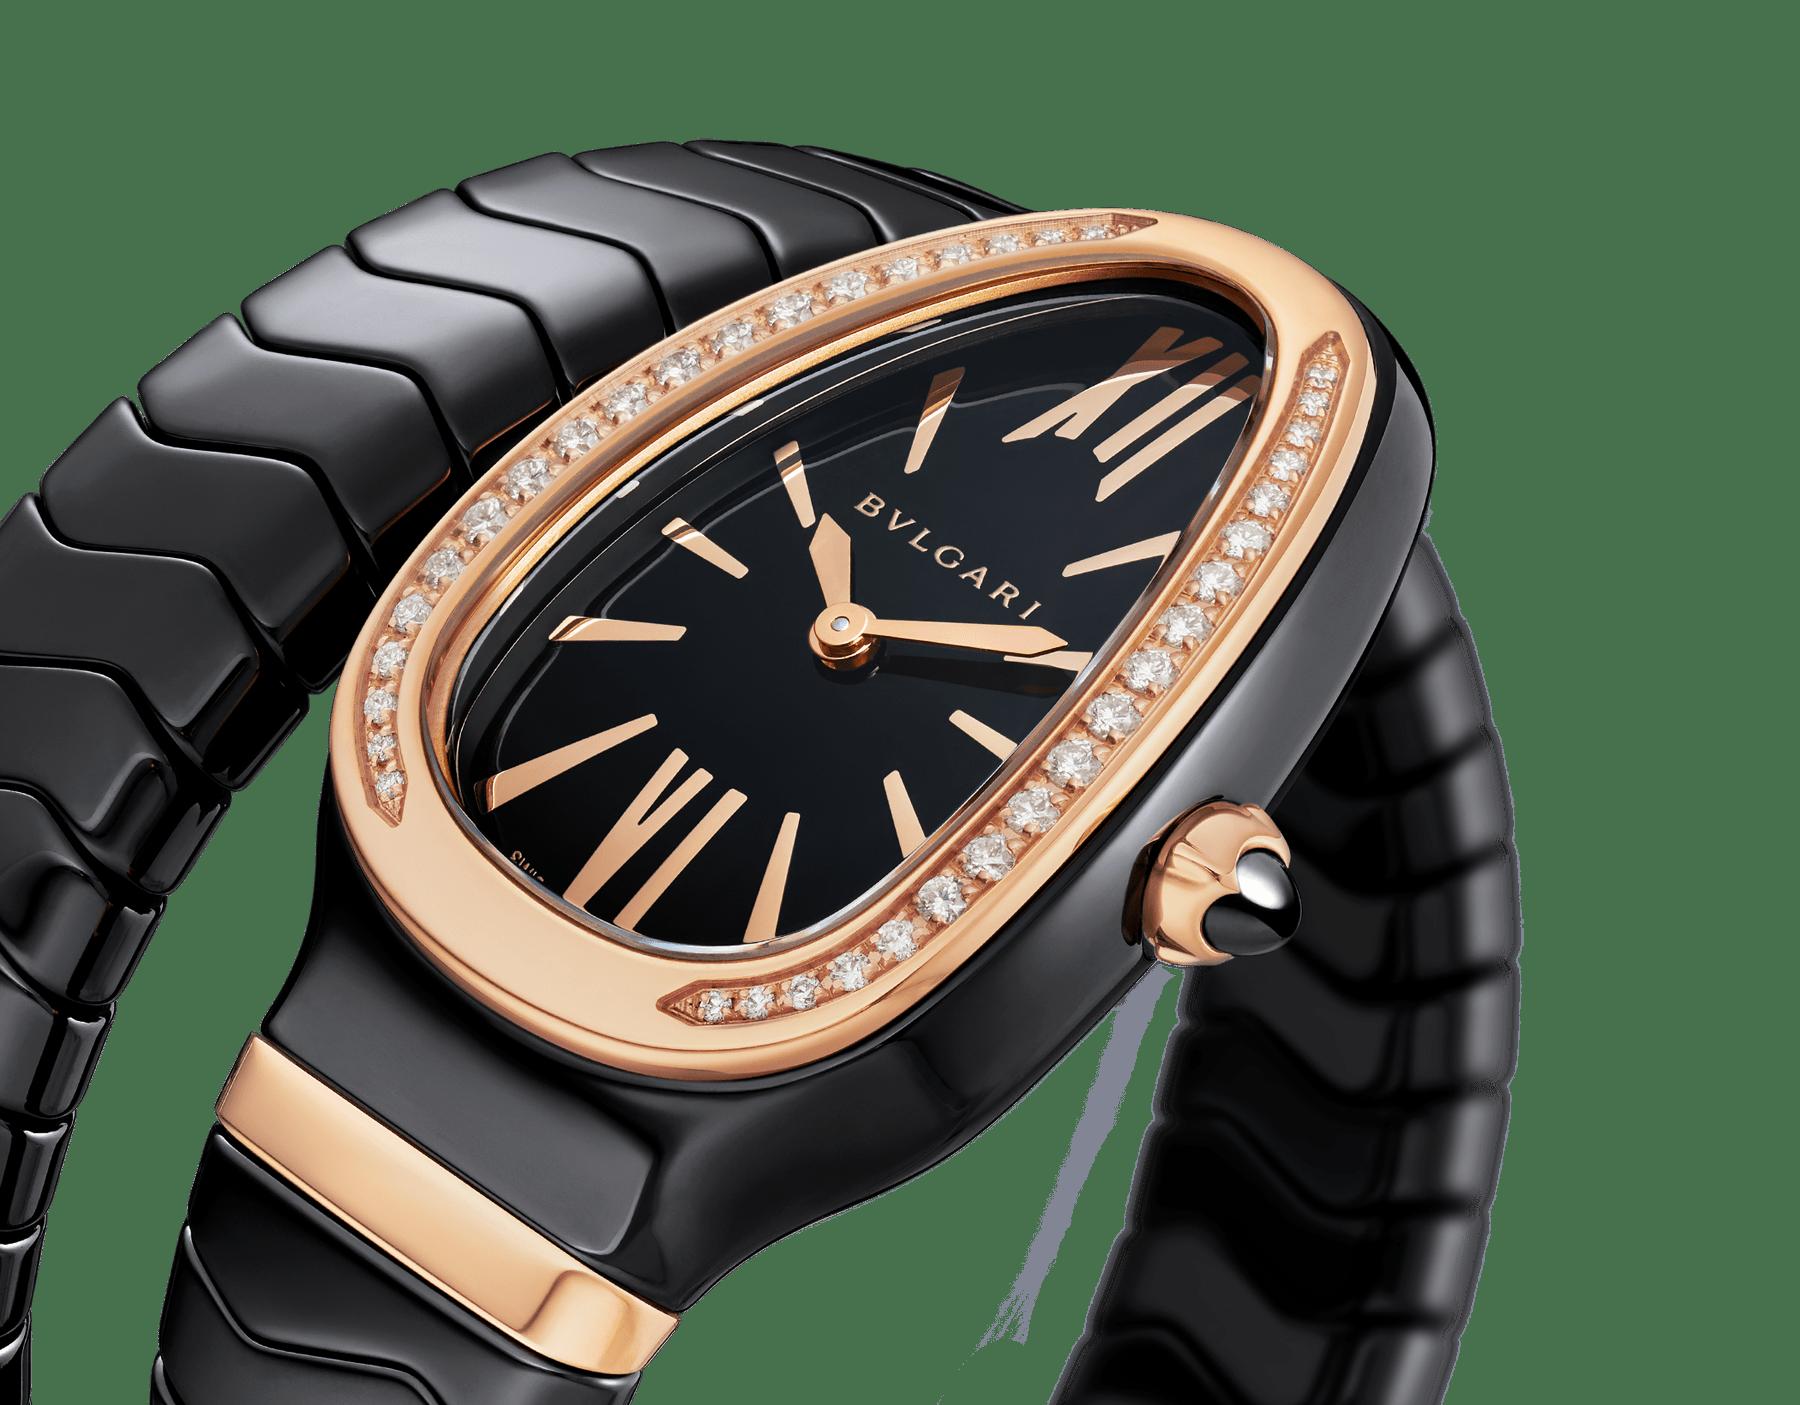 Montre Serpenti Spiga avec boîtier en céramique noire, lunette en or rose 18K sertie de diamants taille brillant, cadran laqué noir, bracelet une spirale en céramique noire avec éléments en or rose 18K. 102532 image 3